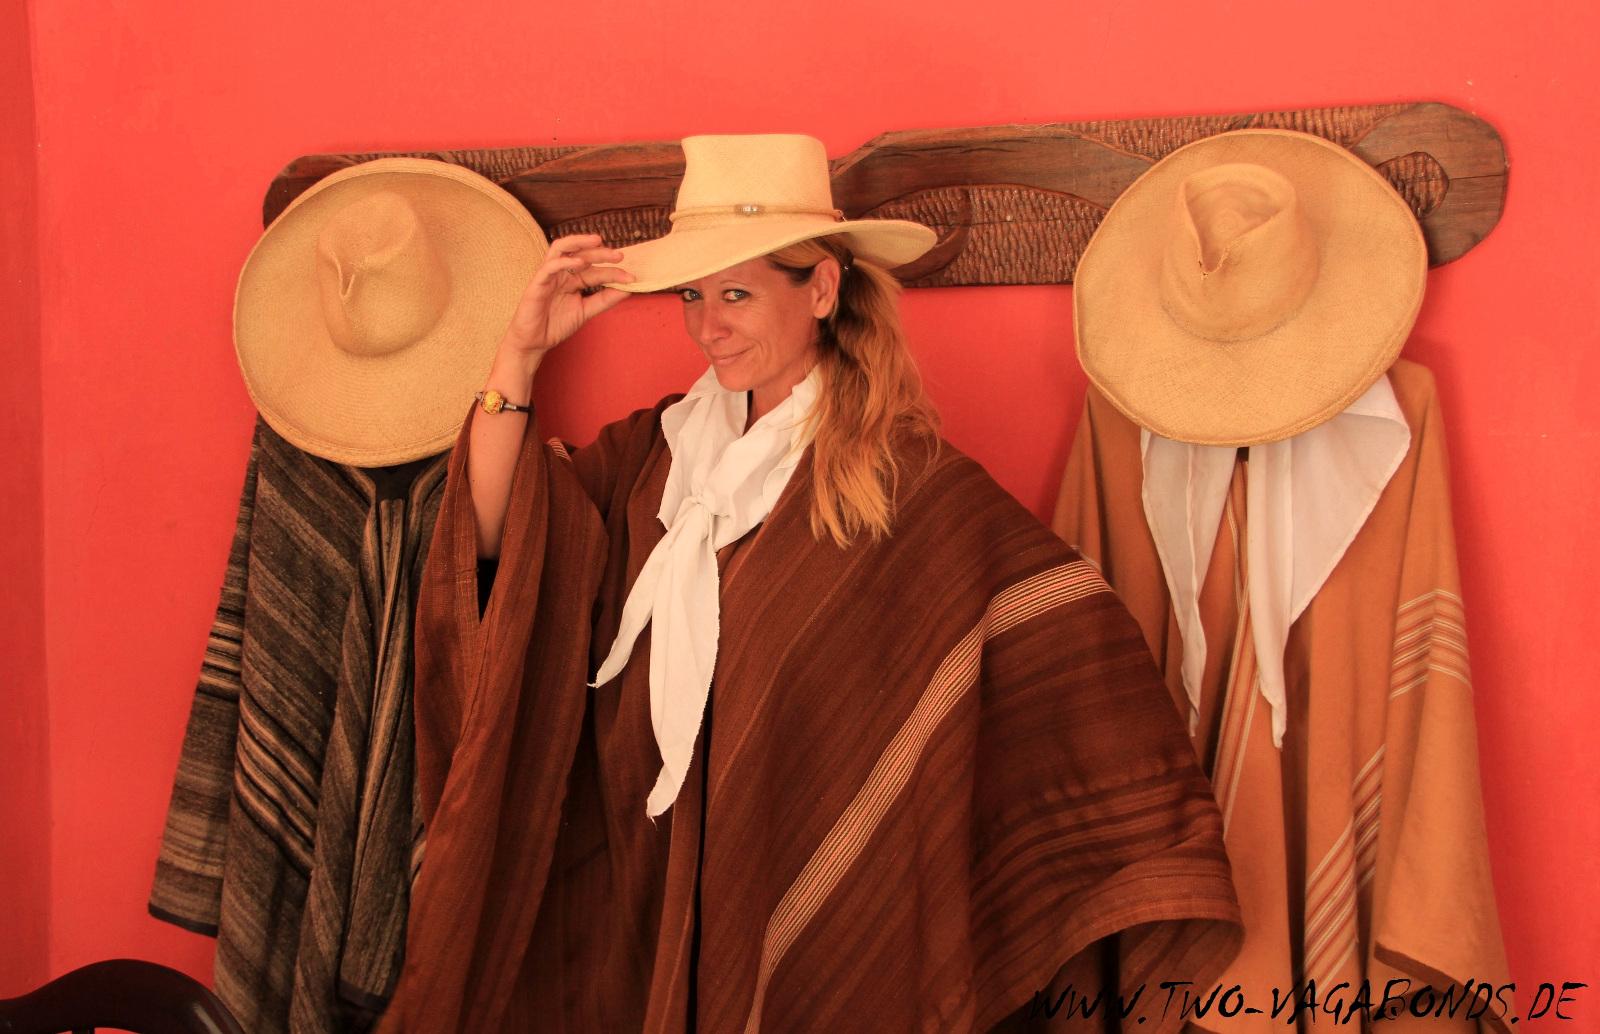 PERU 2015 - CHAVIN DE HUANTAR